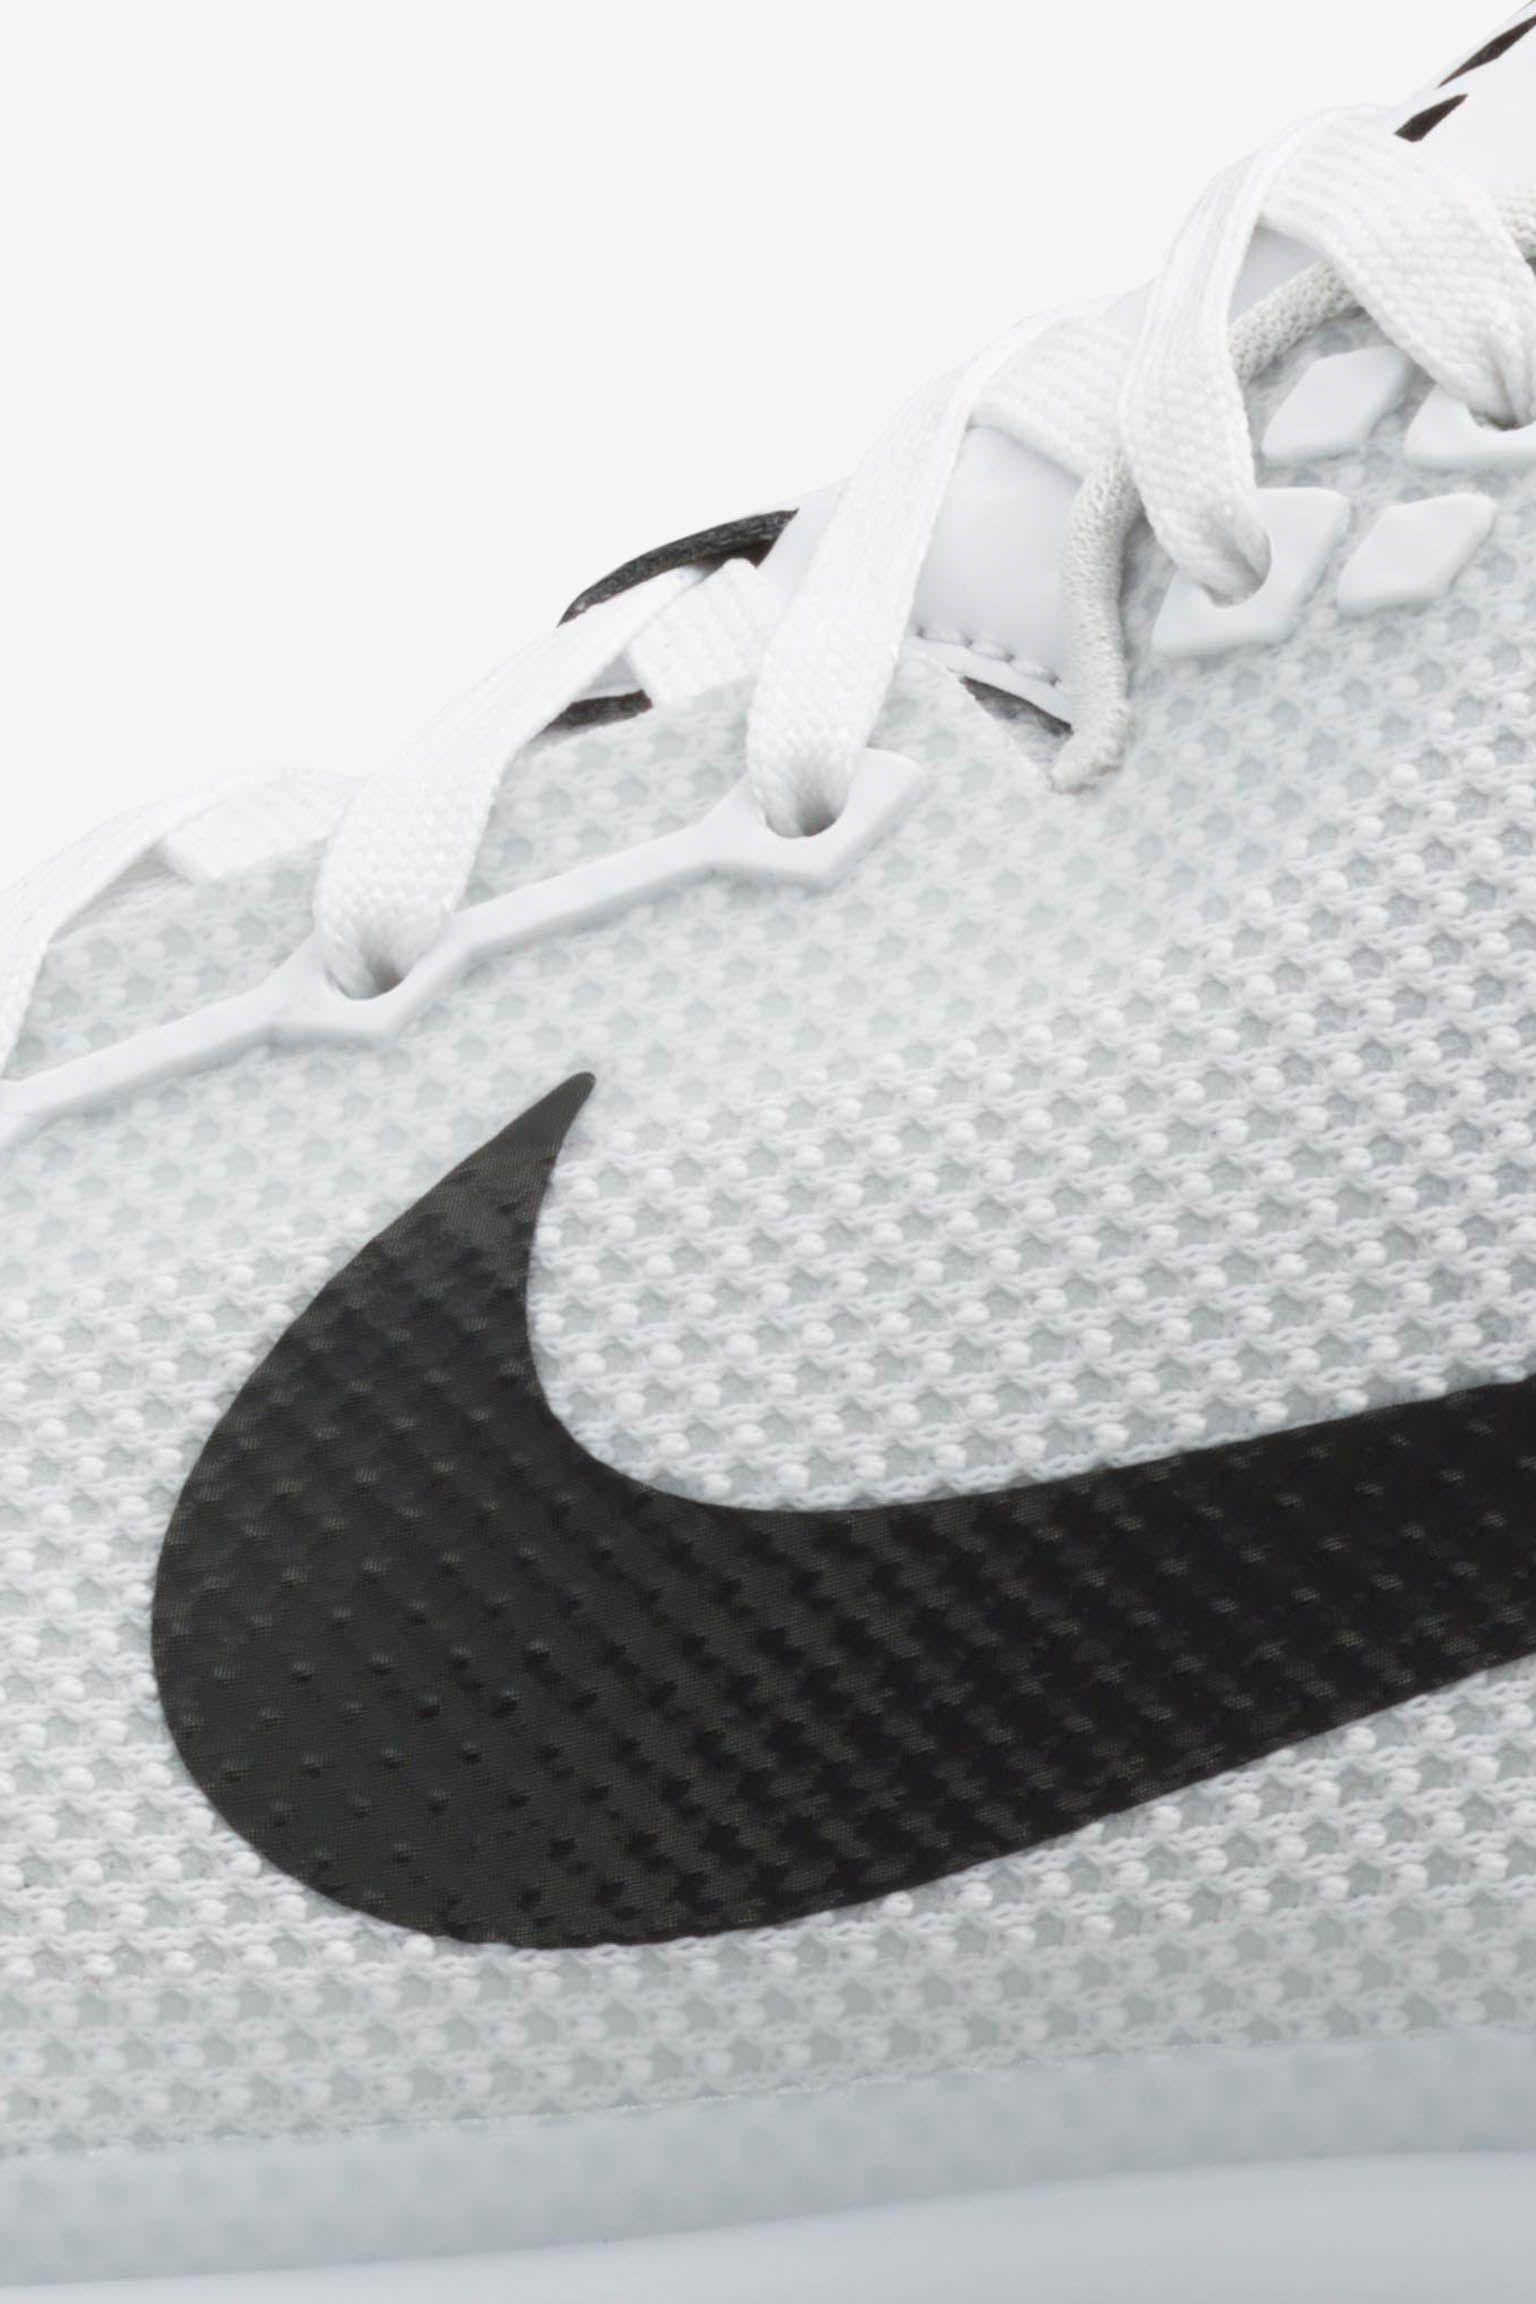 Nike Kobe 10 'Fundamentals' Release Date